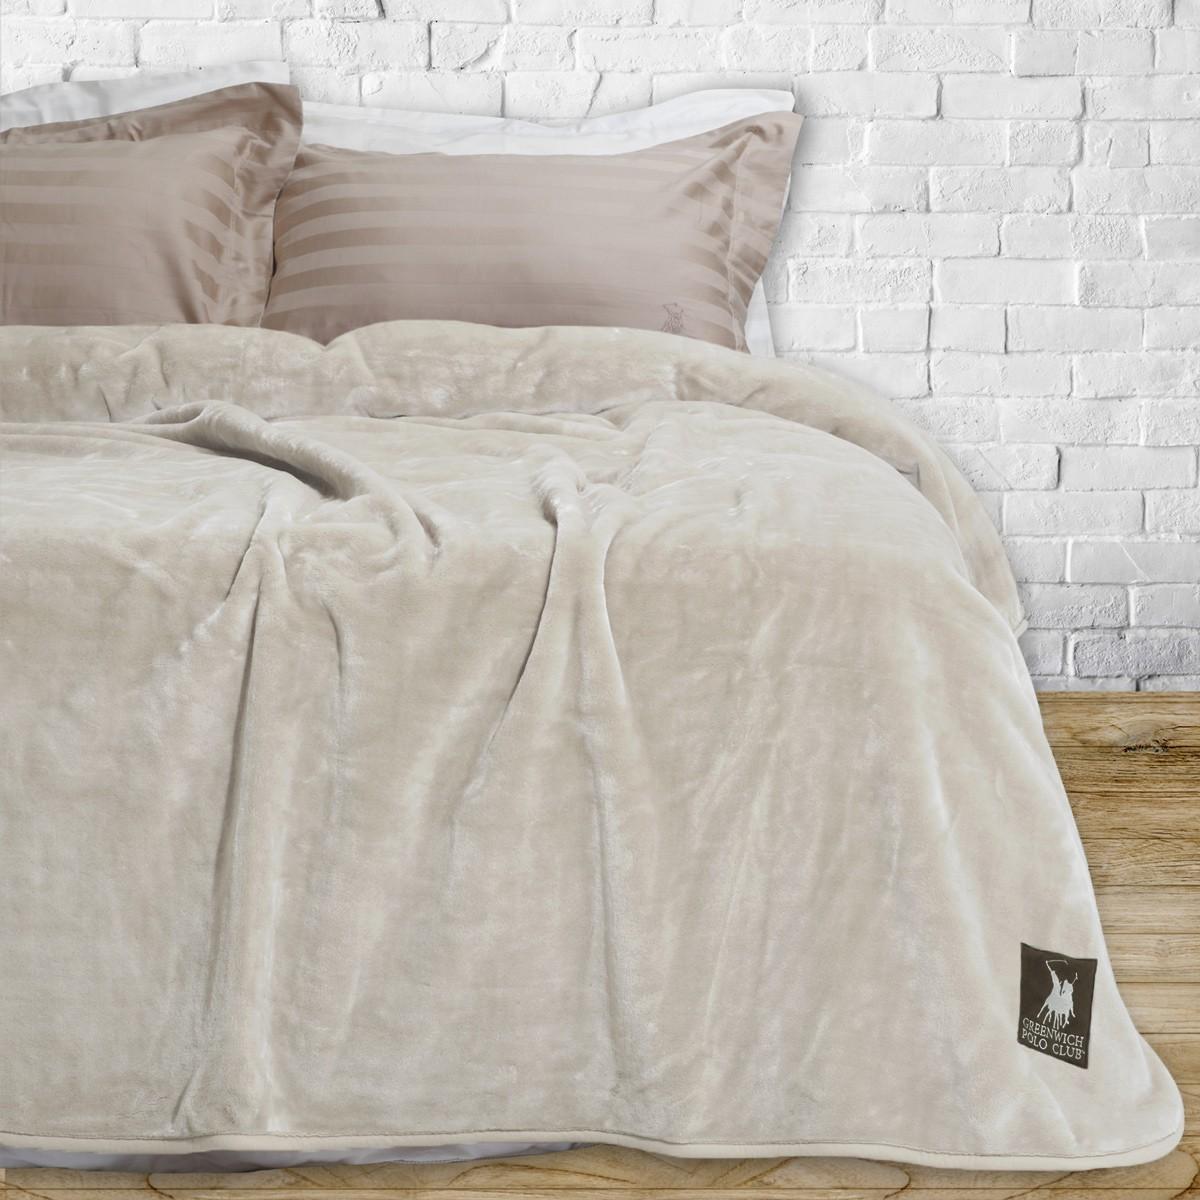 Κουβέρτα Βελουτέ Υπέρδιπλη Polo Club Essential Blanket 2401 home   κρεβατοκάμαρα   κουβέρτες   κουβέρτες βελουτέ υπέρδιπλες